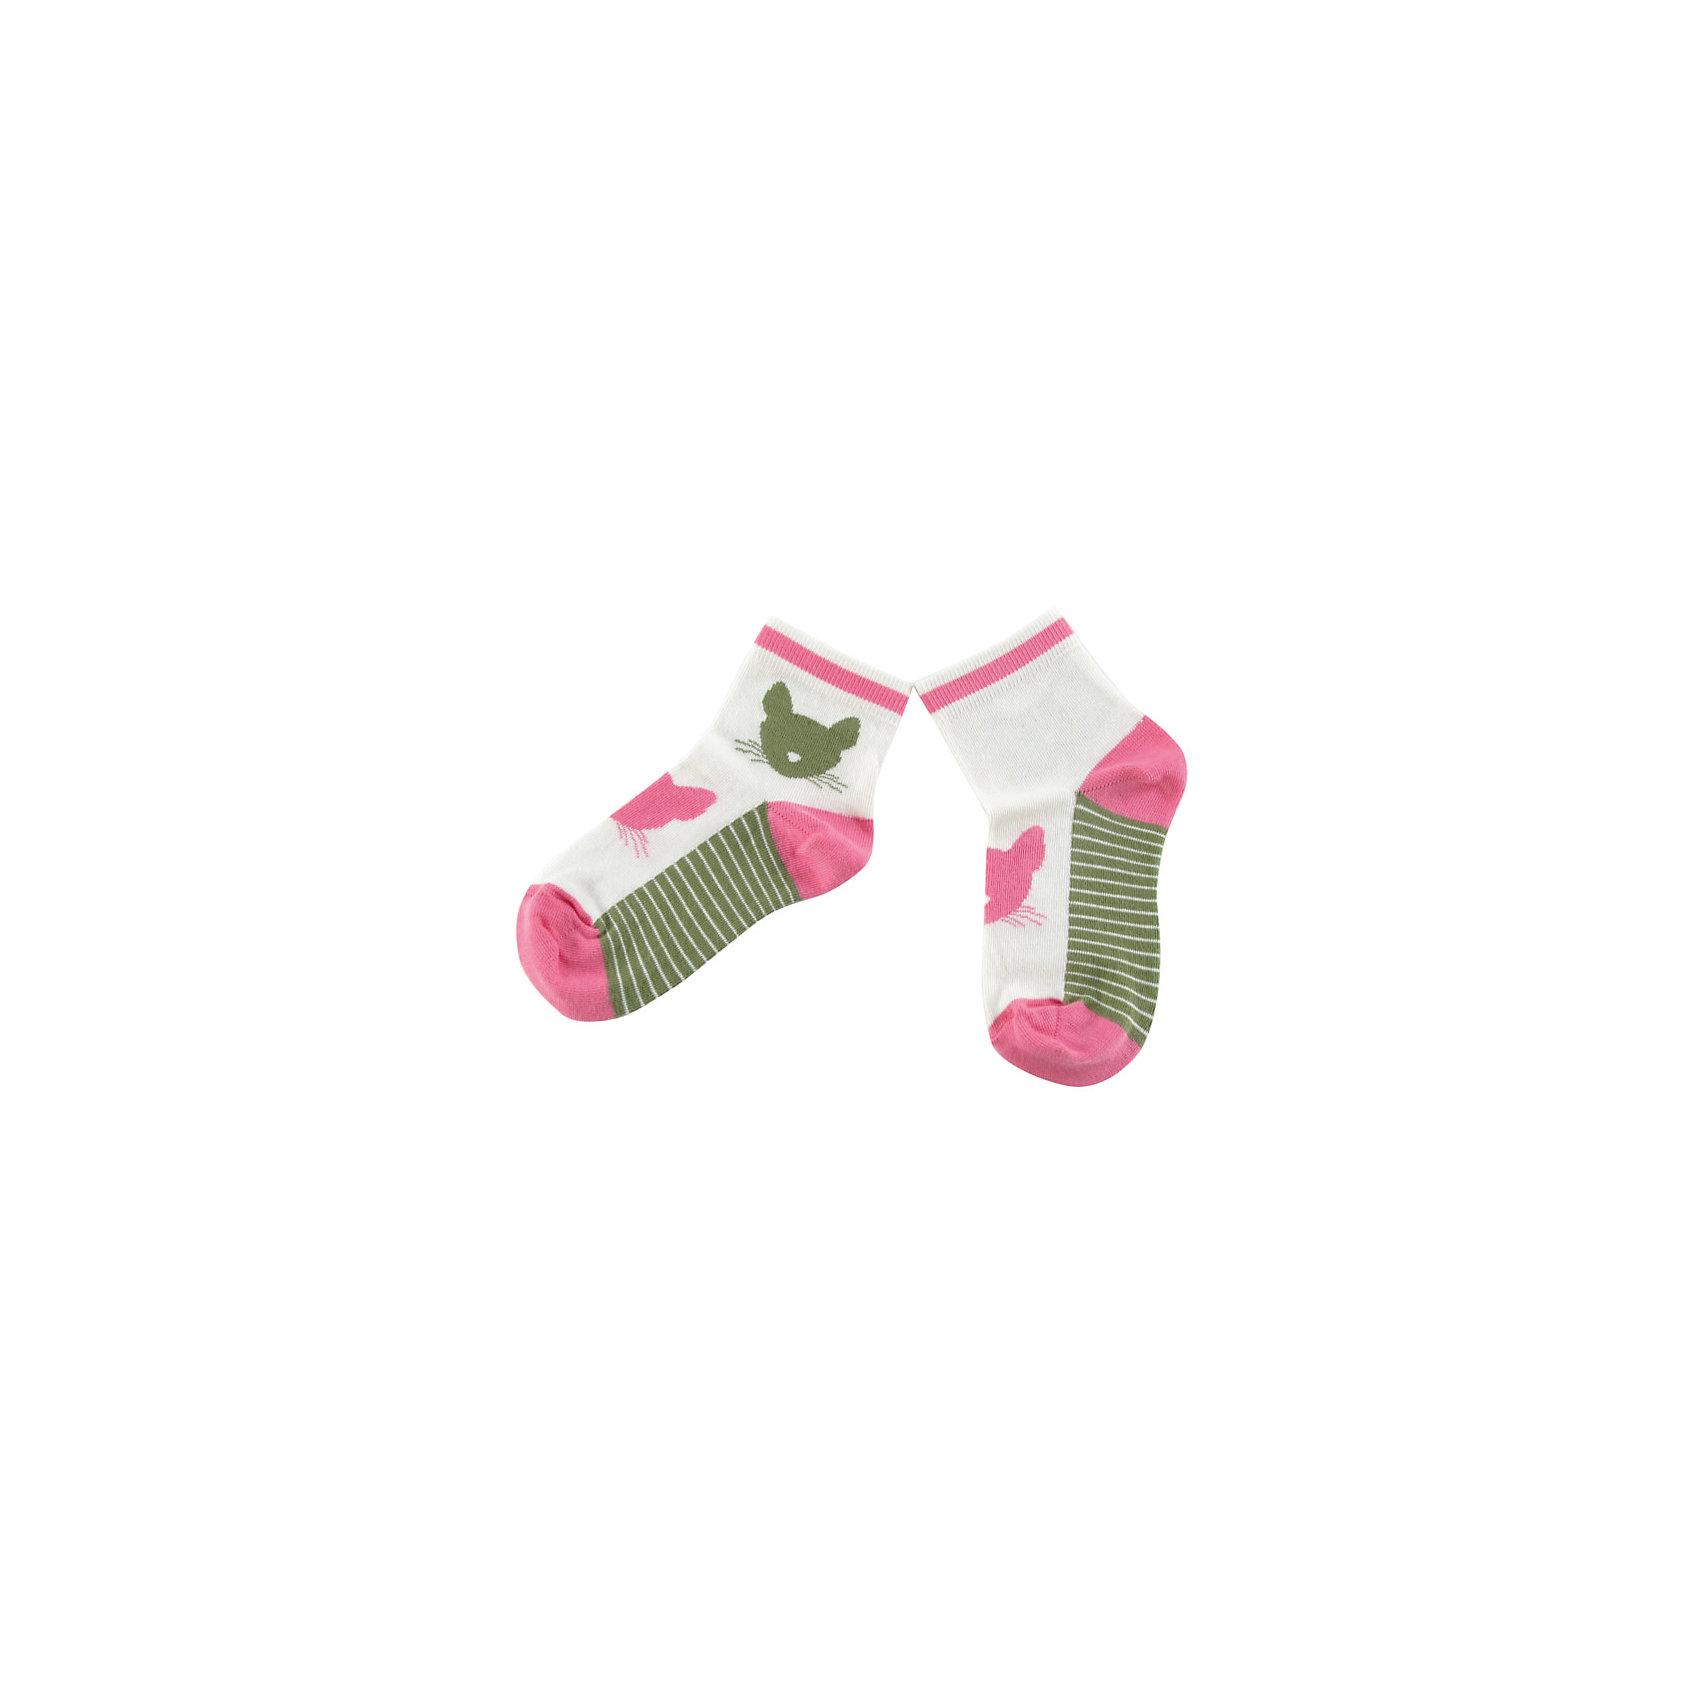 Носки для девочки WojcikНоски<br>Характеристики товара:<br><br>• цвет: белый<br>• состав ткани :хлопок 93%, полиамид 5%, эластан 2%<br>• сезон: круглый год<br>• страна бренда: Польша<br>• страна изготовитель: Польша<br><br>Удобные носки для девочки Wojcik сделаны преимущественно из натурального хлопка. Он позволяет коже дышать и обеспечивает комфорт. <br><br>Детские носки не давят на ногу благодаря мягкой резинке. Польская одежда для детей от бренда Войчик - это качественные и стильные вещи.<br><br>Носки для девочки Wojcik (Войчик) можно купить в нашем интернет-магазине.<br><br>Ширина мм: 87<br>Глубина мм: 10<br>Высота мм: 105<br>Вес г: 115<br>Цвет: разноцветный<br>Возраст от месяцев: 3<br>Возраст до месяцев: 6<br>Пол: Женский<br>Возраст: Детский<br>Размер: 17/18,21/22<br>SKU: 5588472